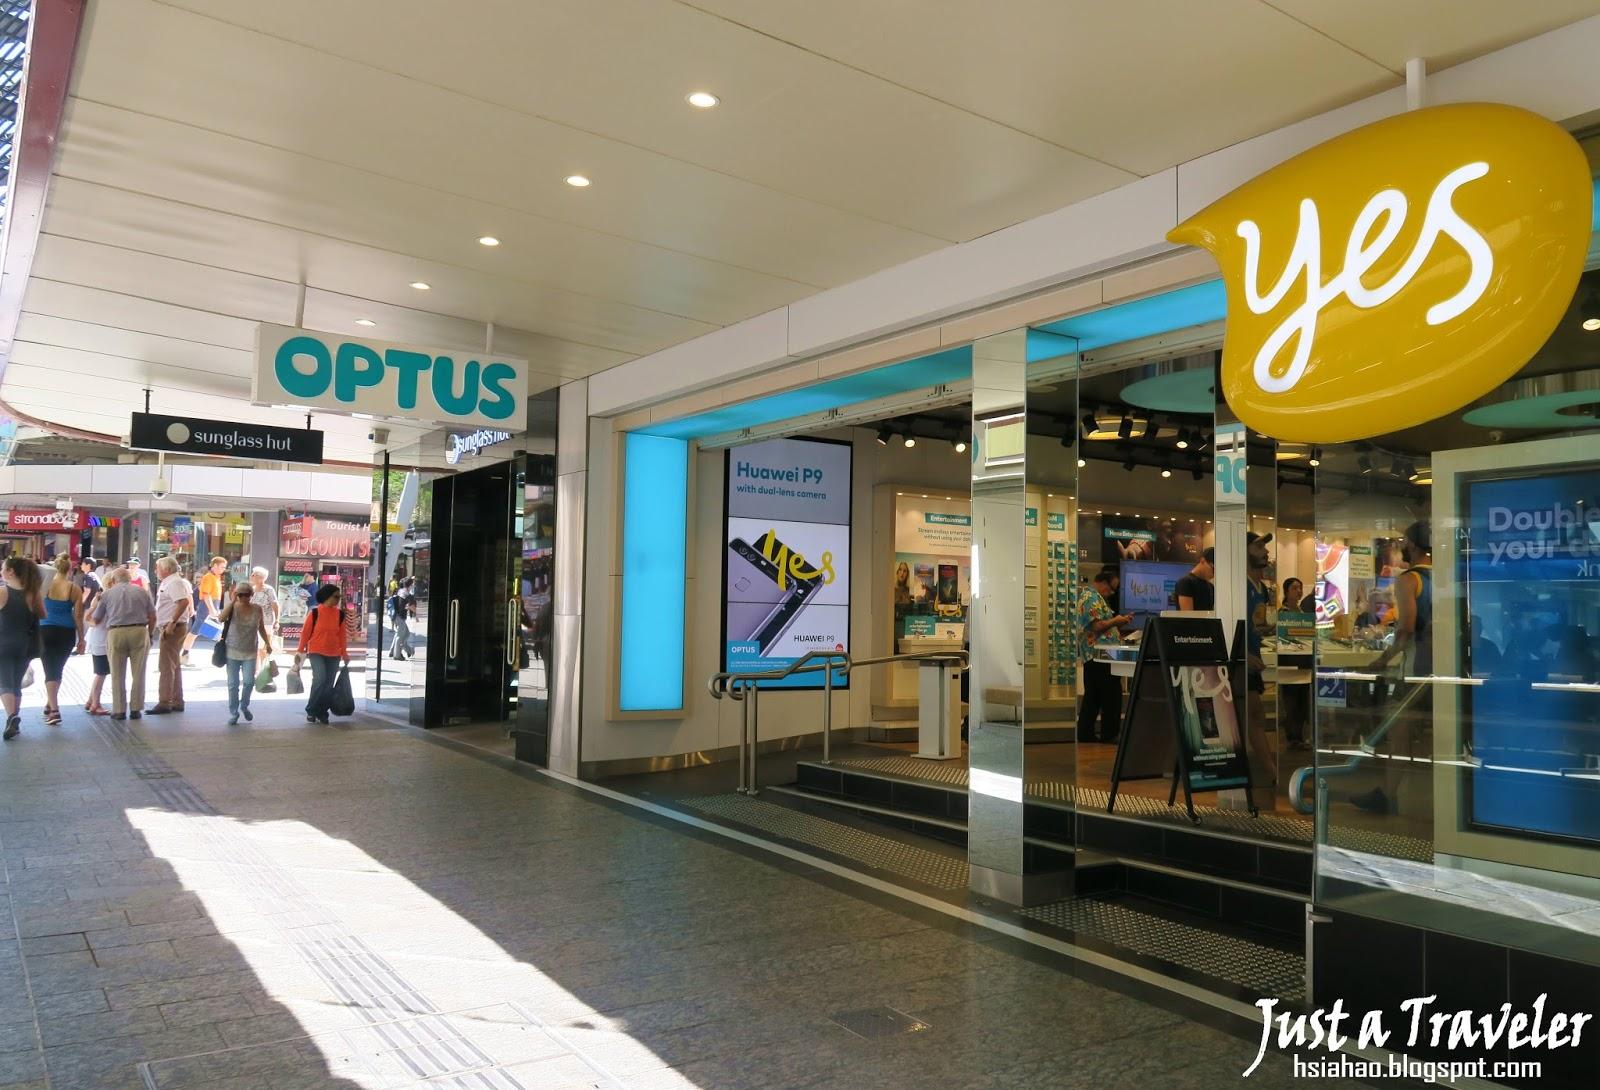 澳洲-澳洲網路-澳洲上網-澳洲SIM卡-Optus-門市-店面-Store-皇后街-Queen-Street